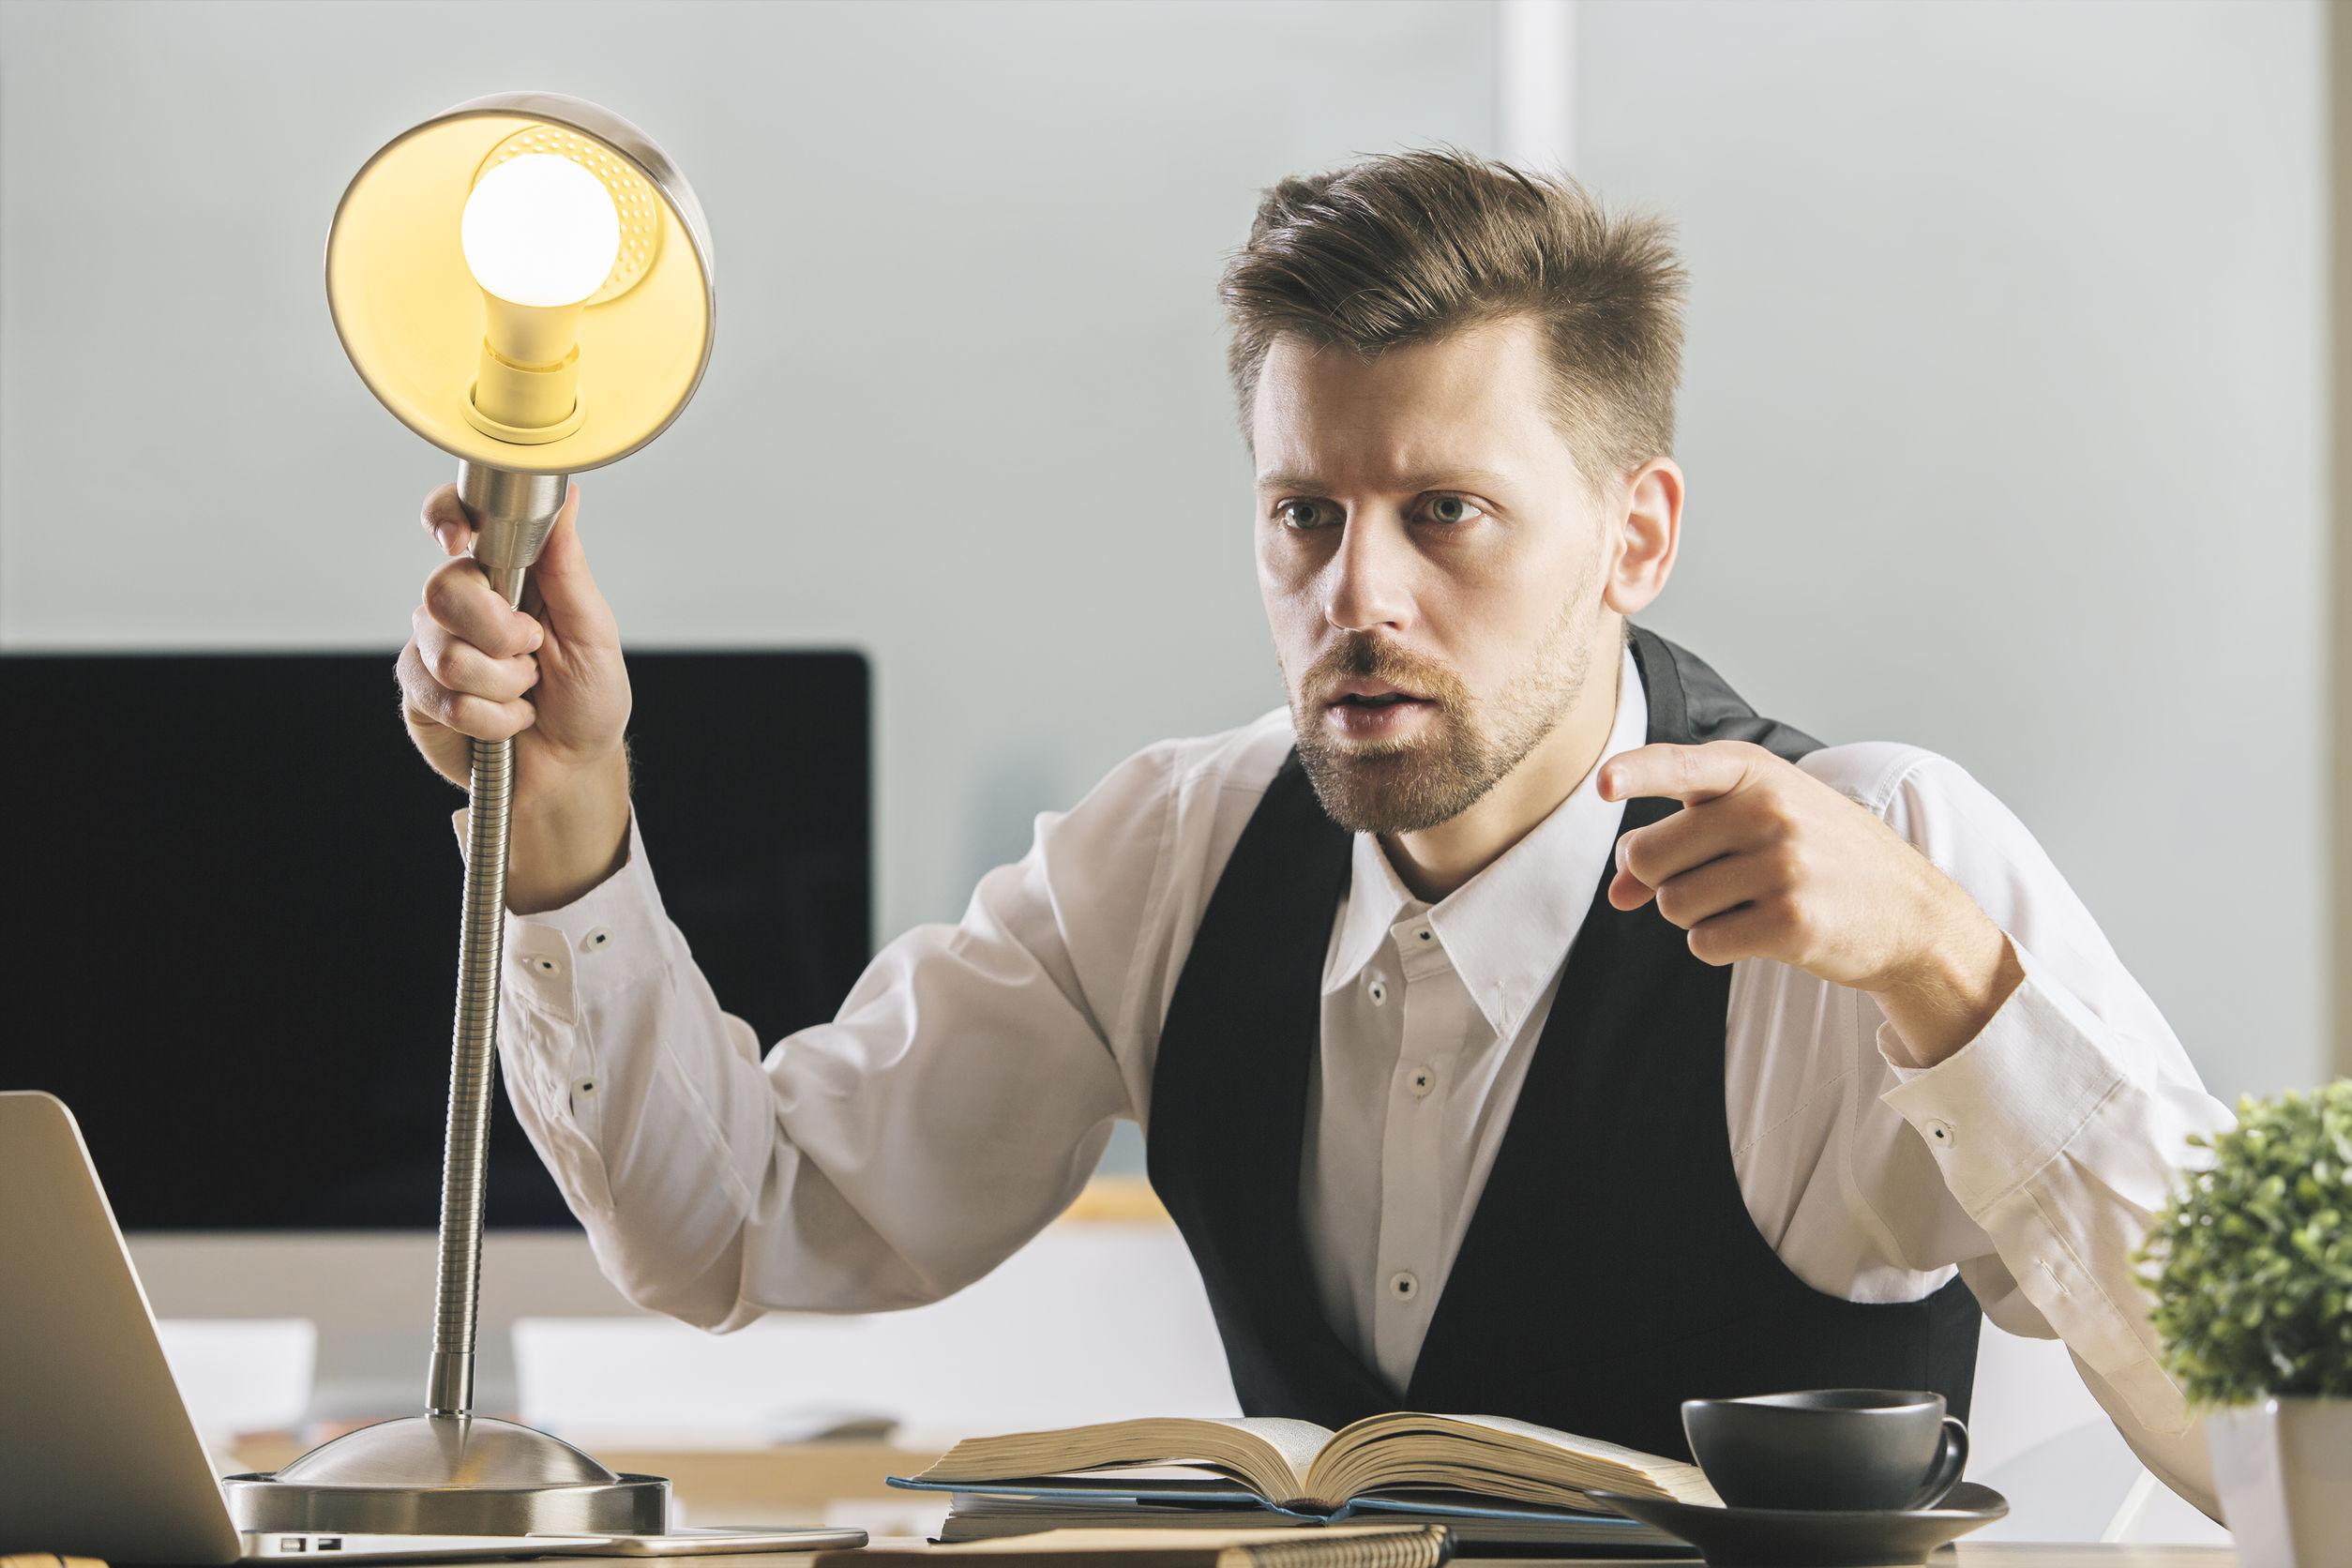 Hombre en escritorio sujetando lampara